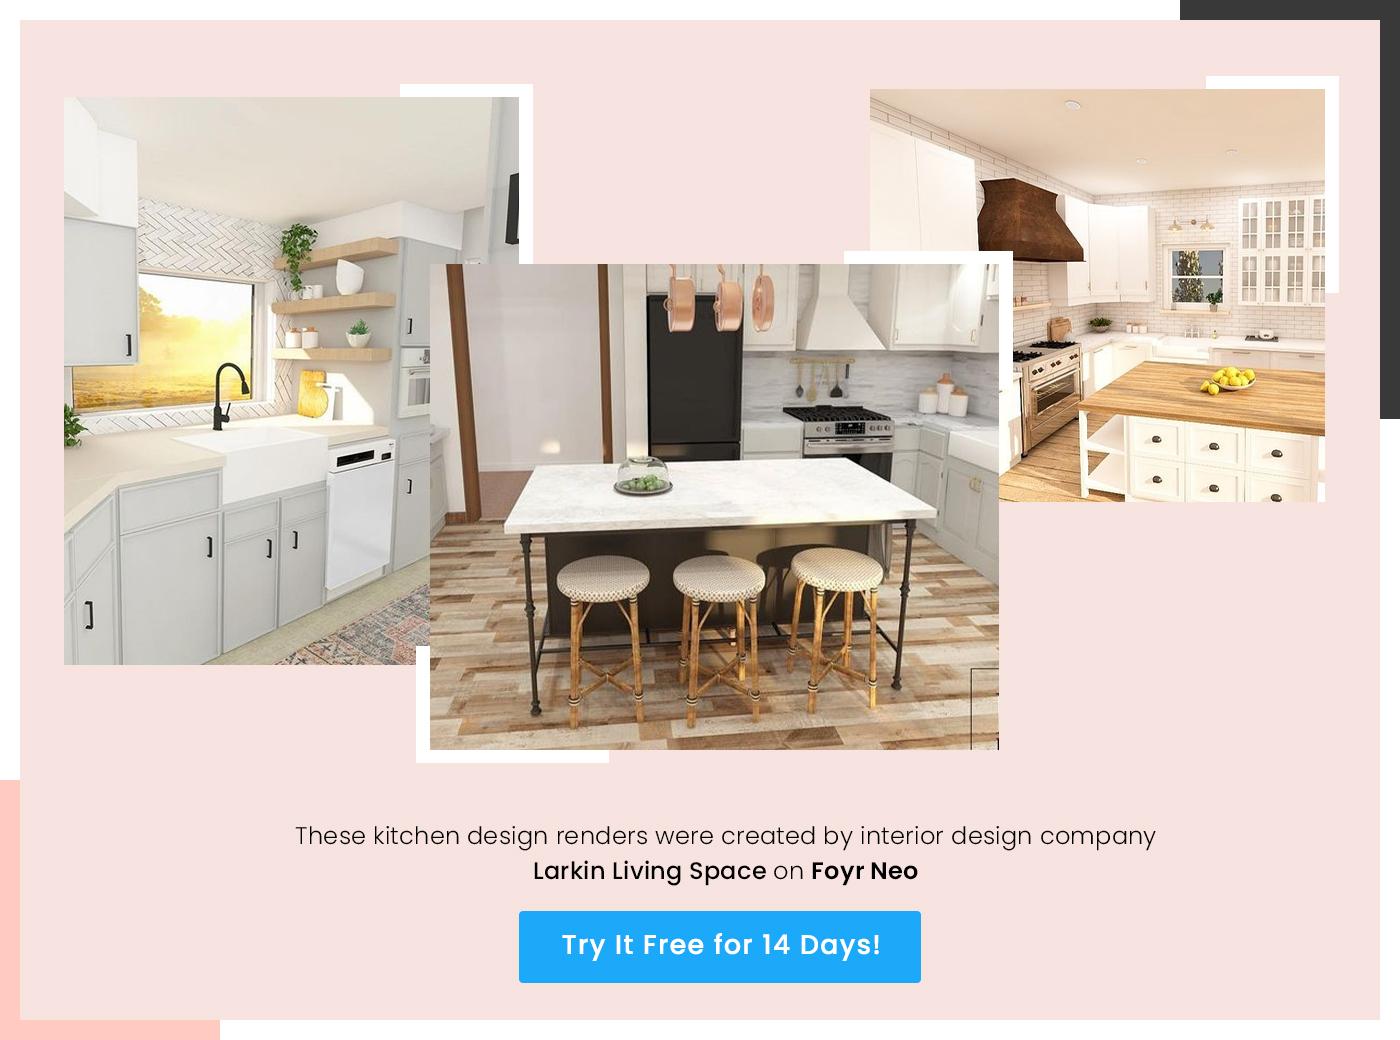 kitchen design render by larkin living space